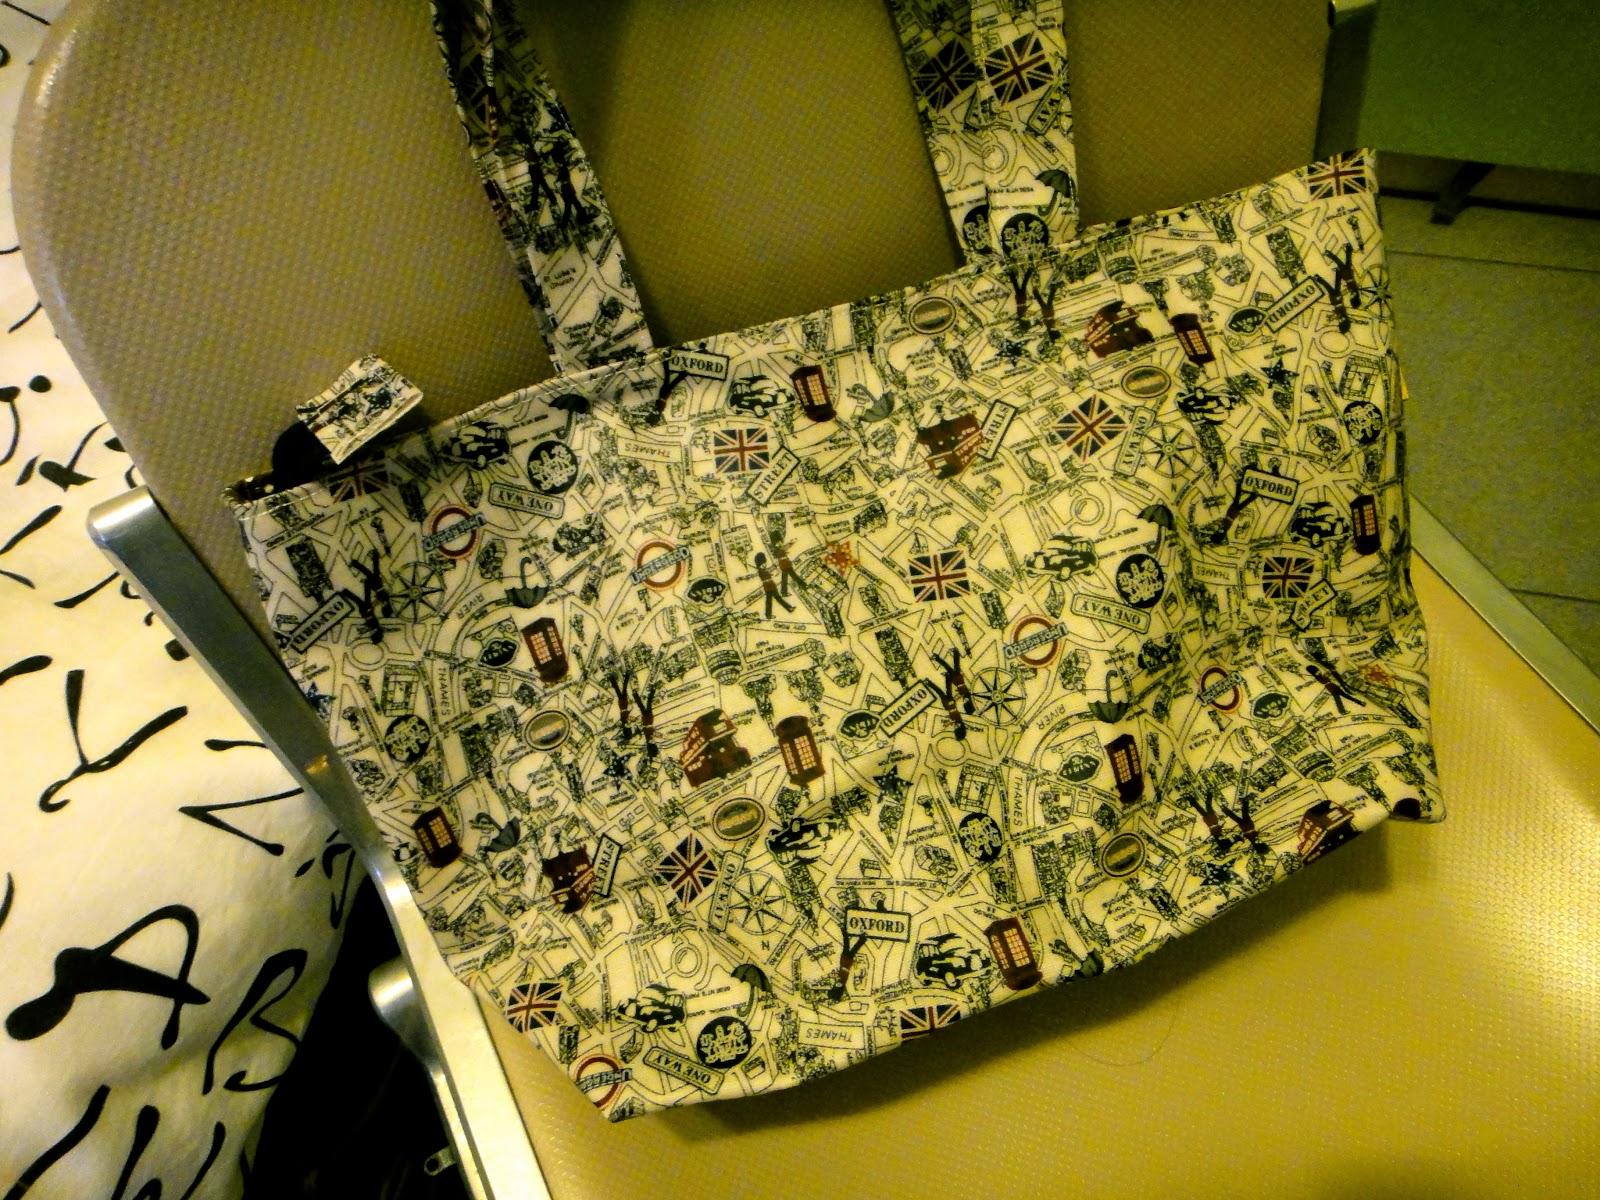 Made in Taiwan Bag at Raohe Night Market